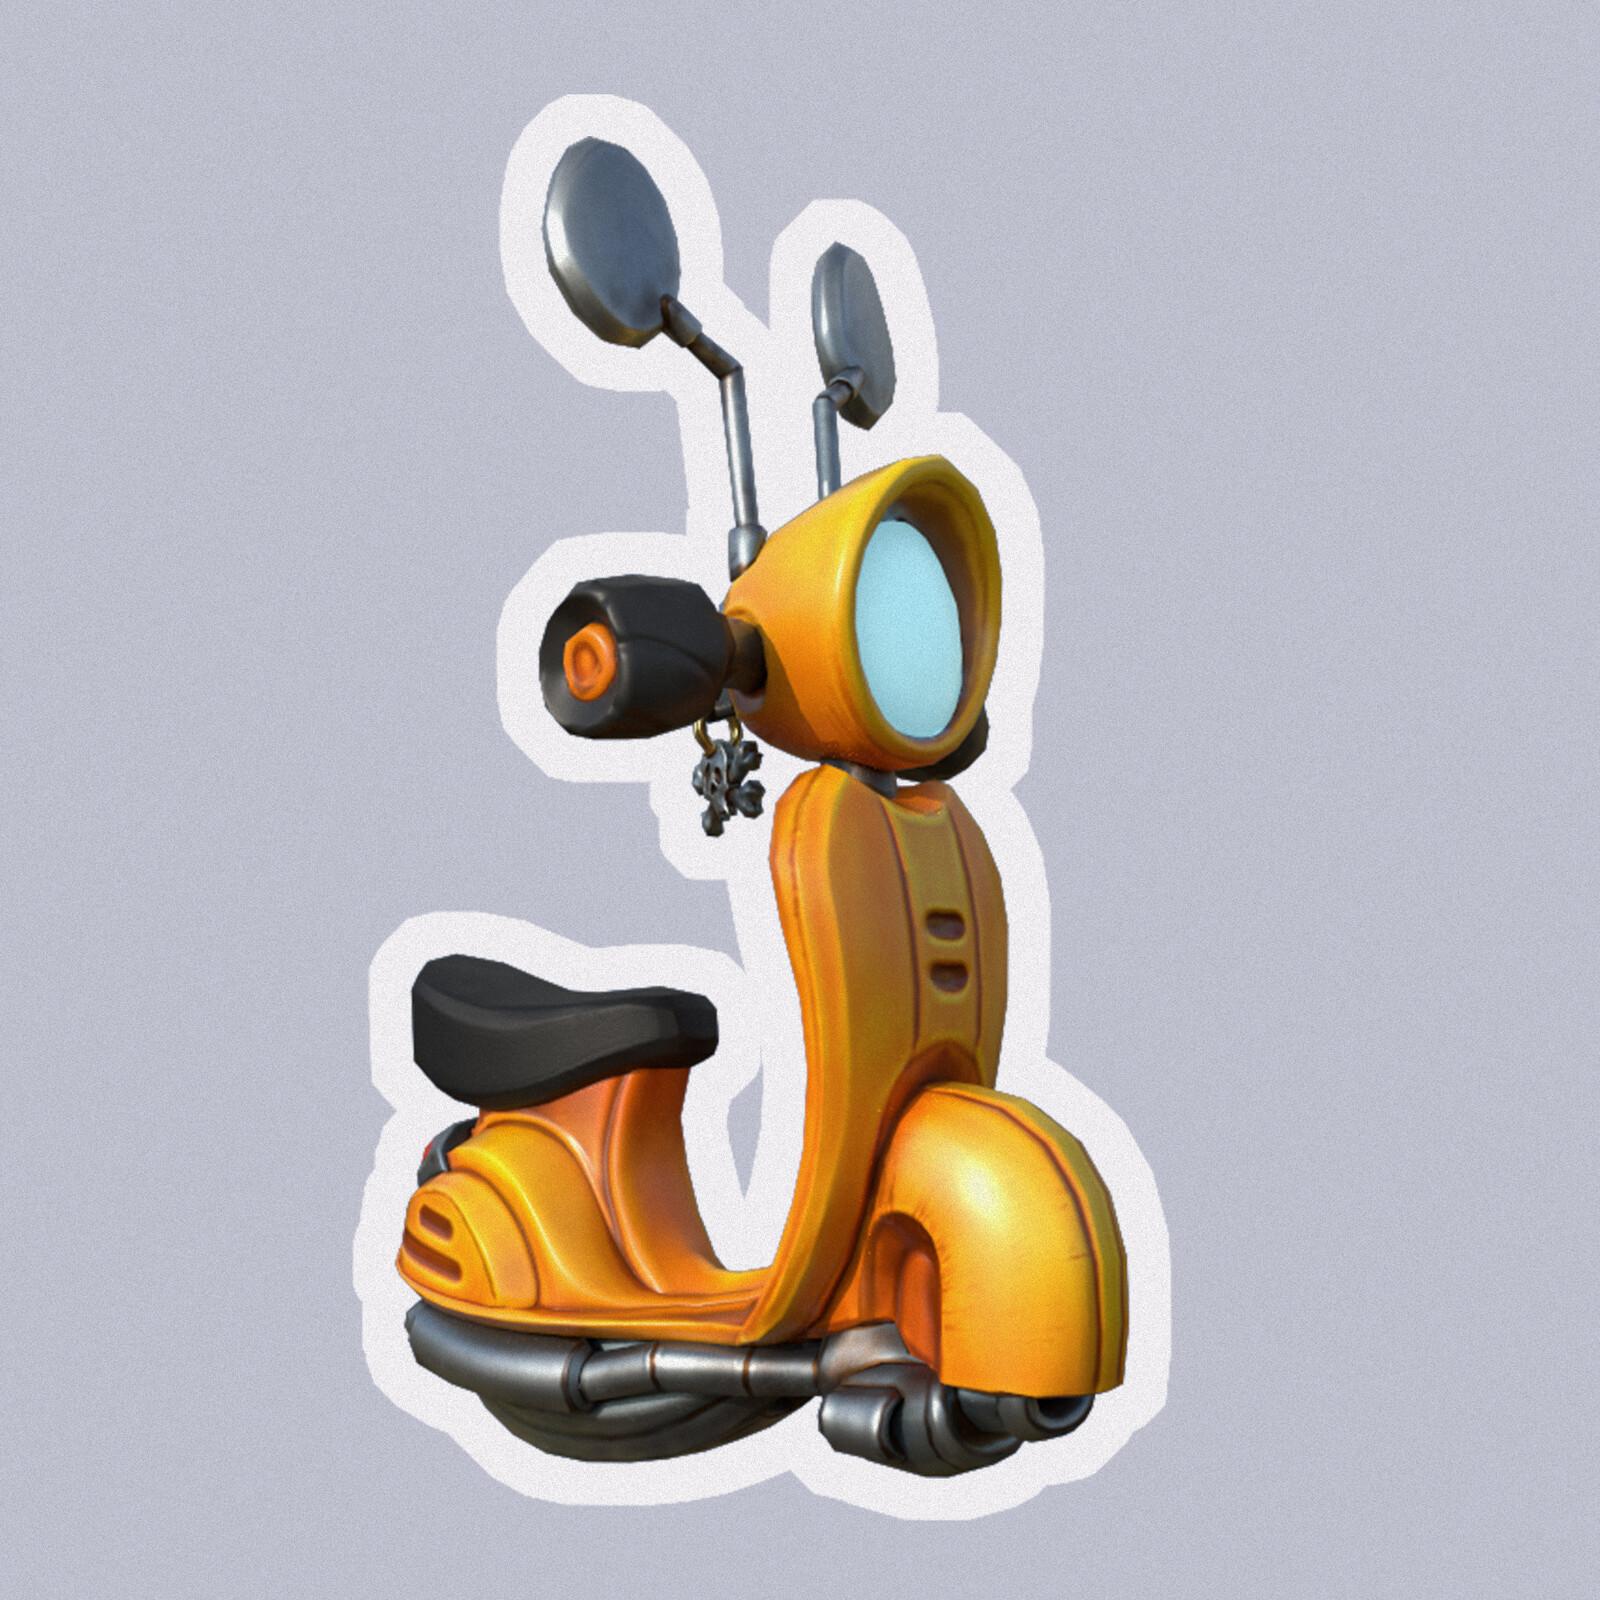 Stylized Moped